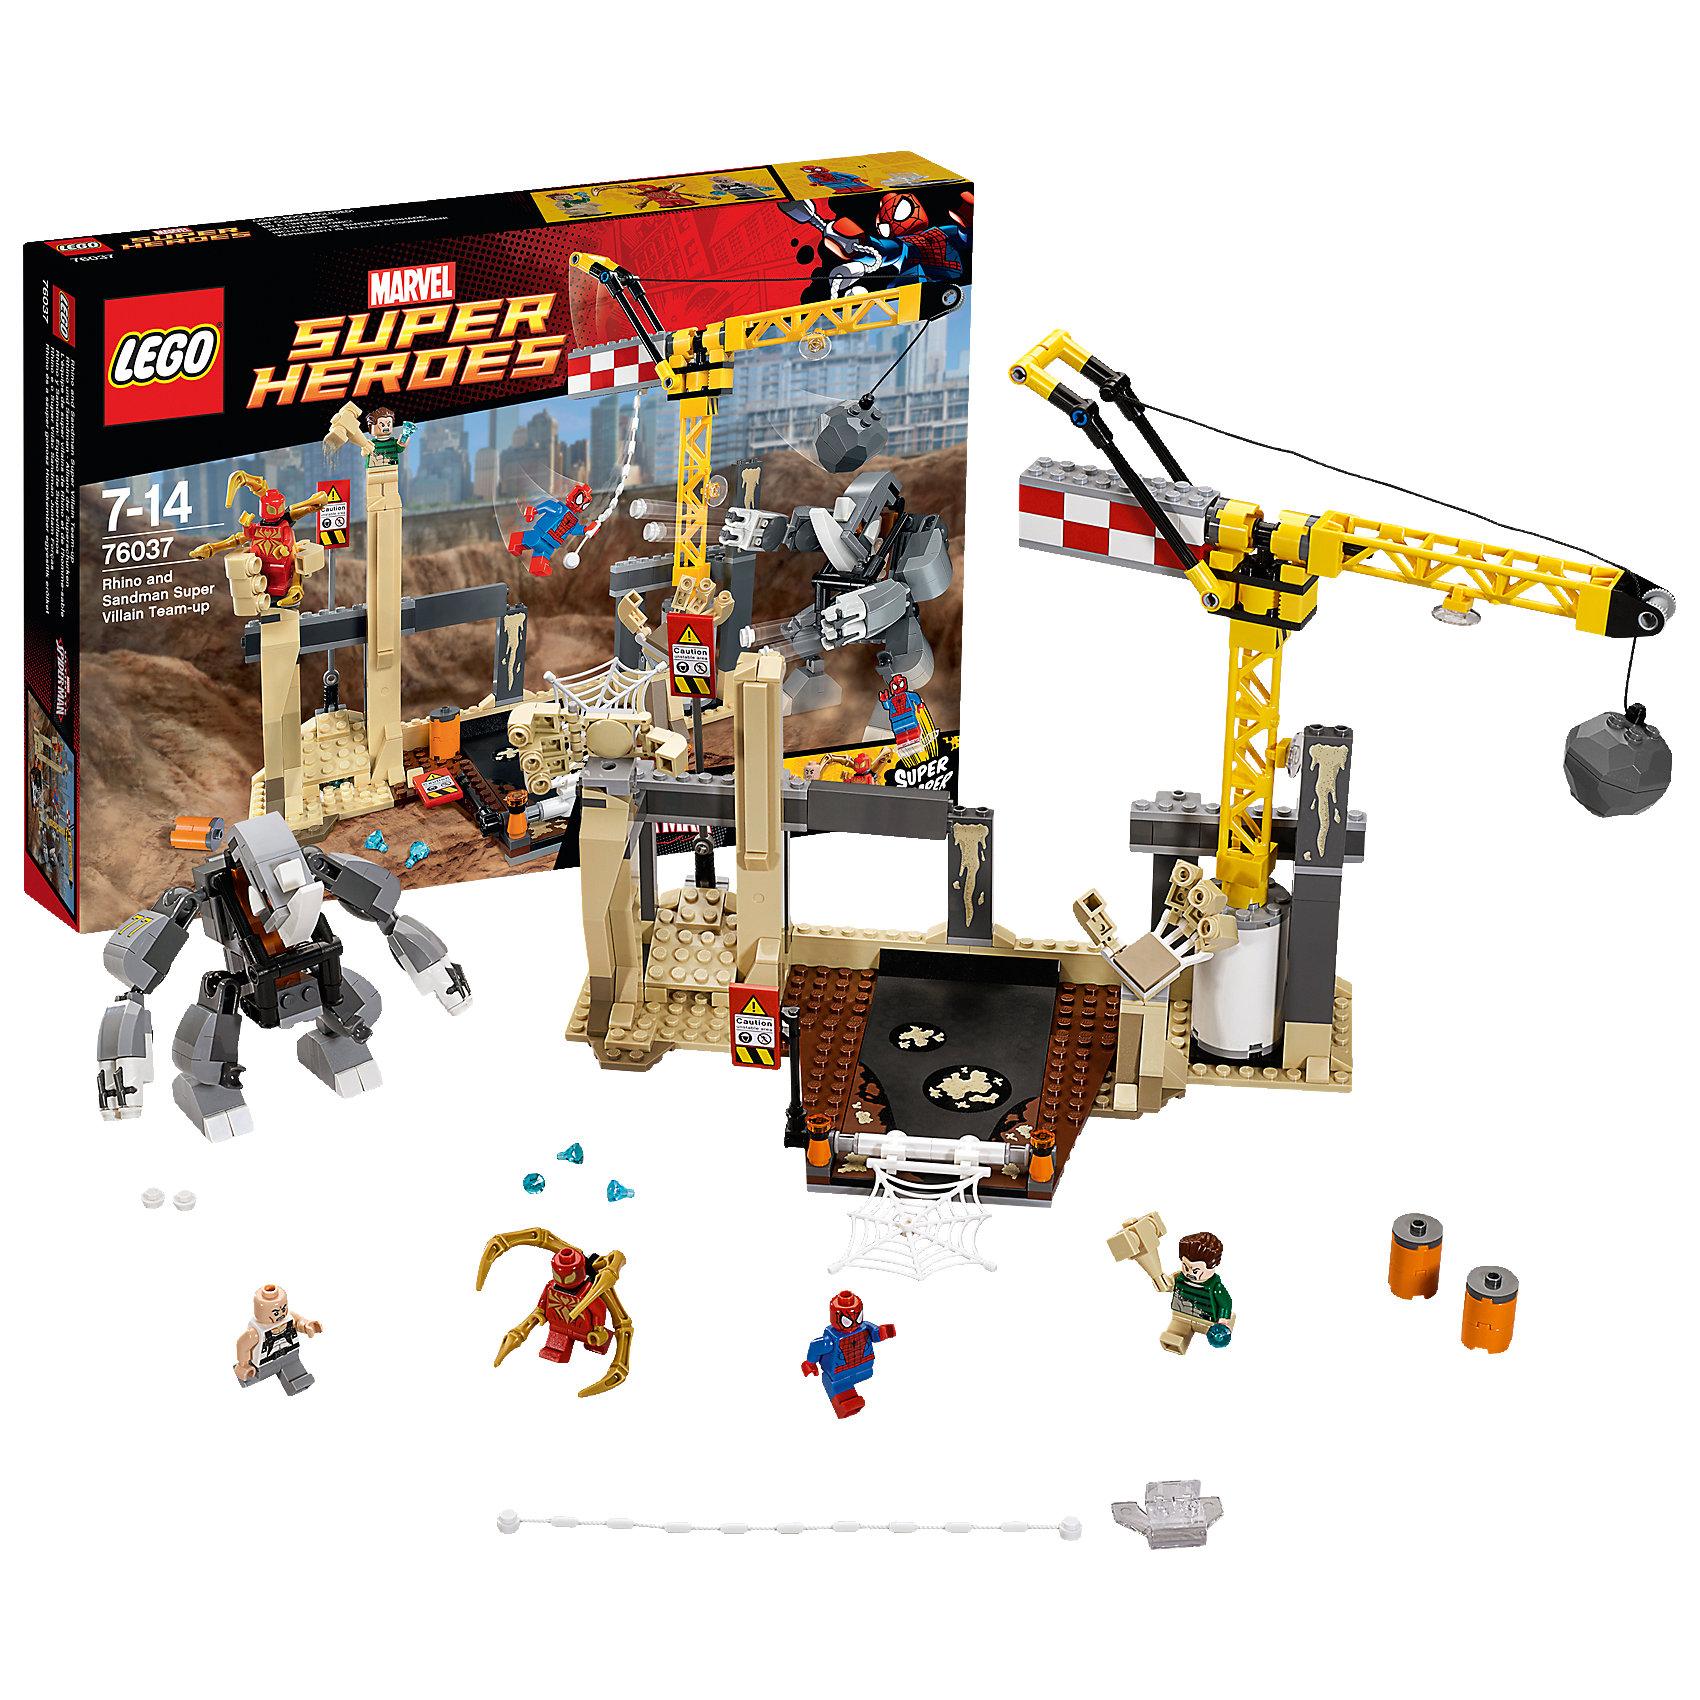 LEGO LEGO Super Heroes 76037: Носорог и Песочный человек против Супергероев lego super heroes 76058 лего супер герои человек паук союз с призрачным гонщиком